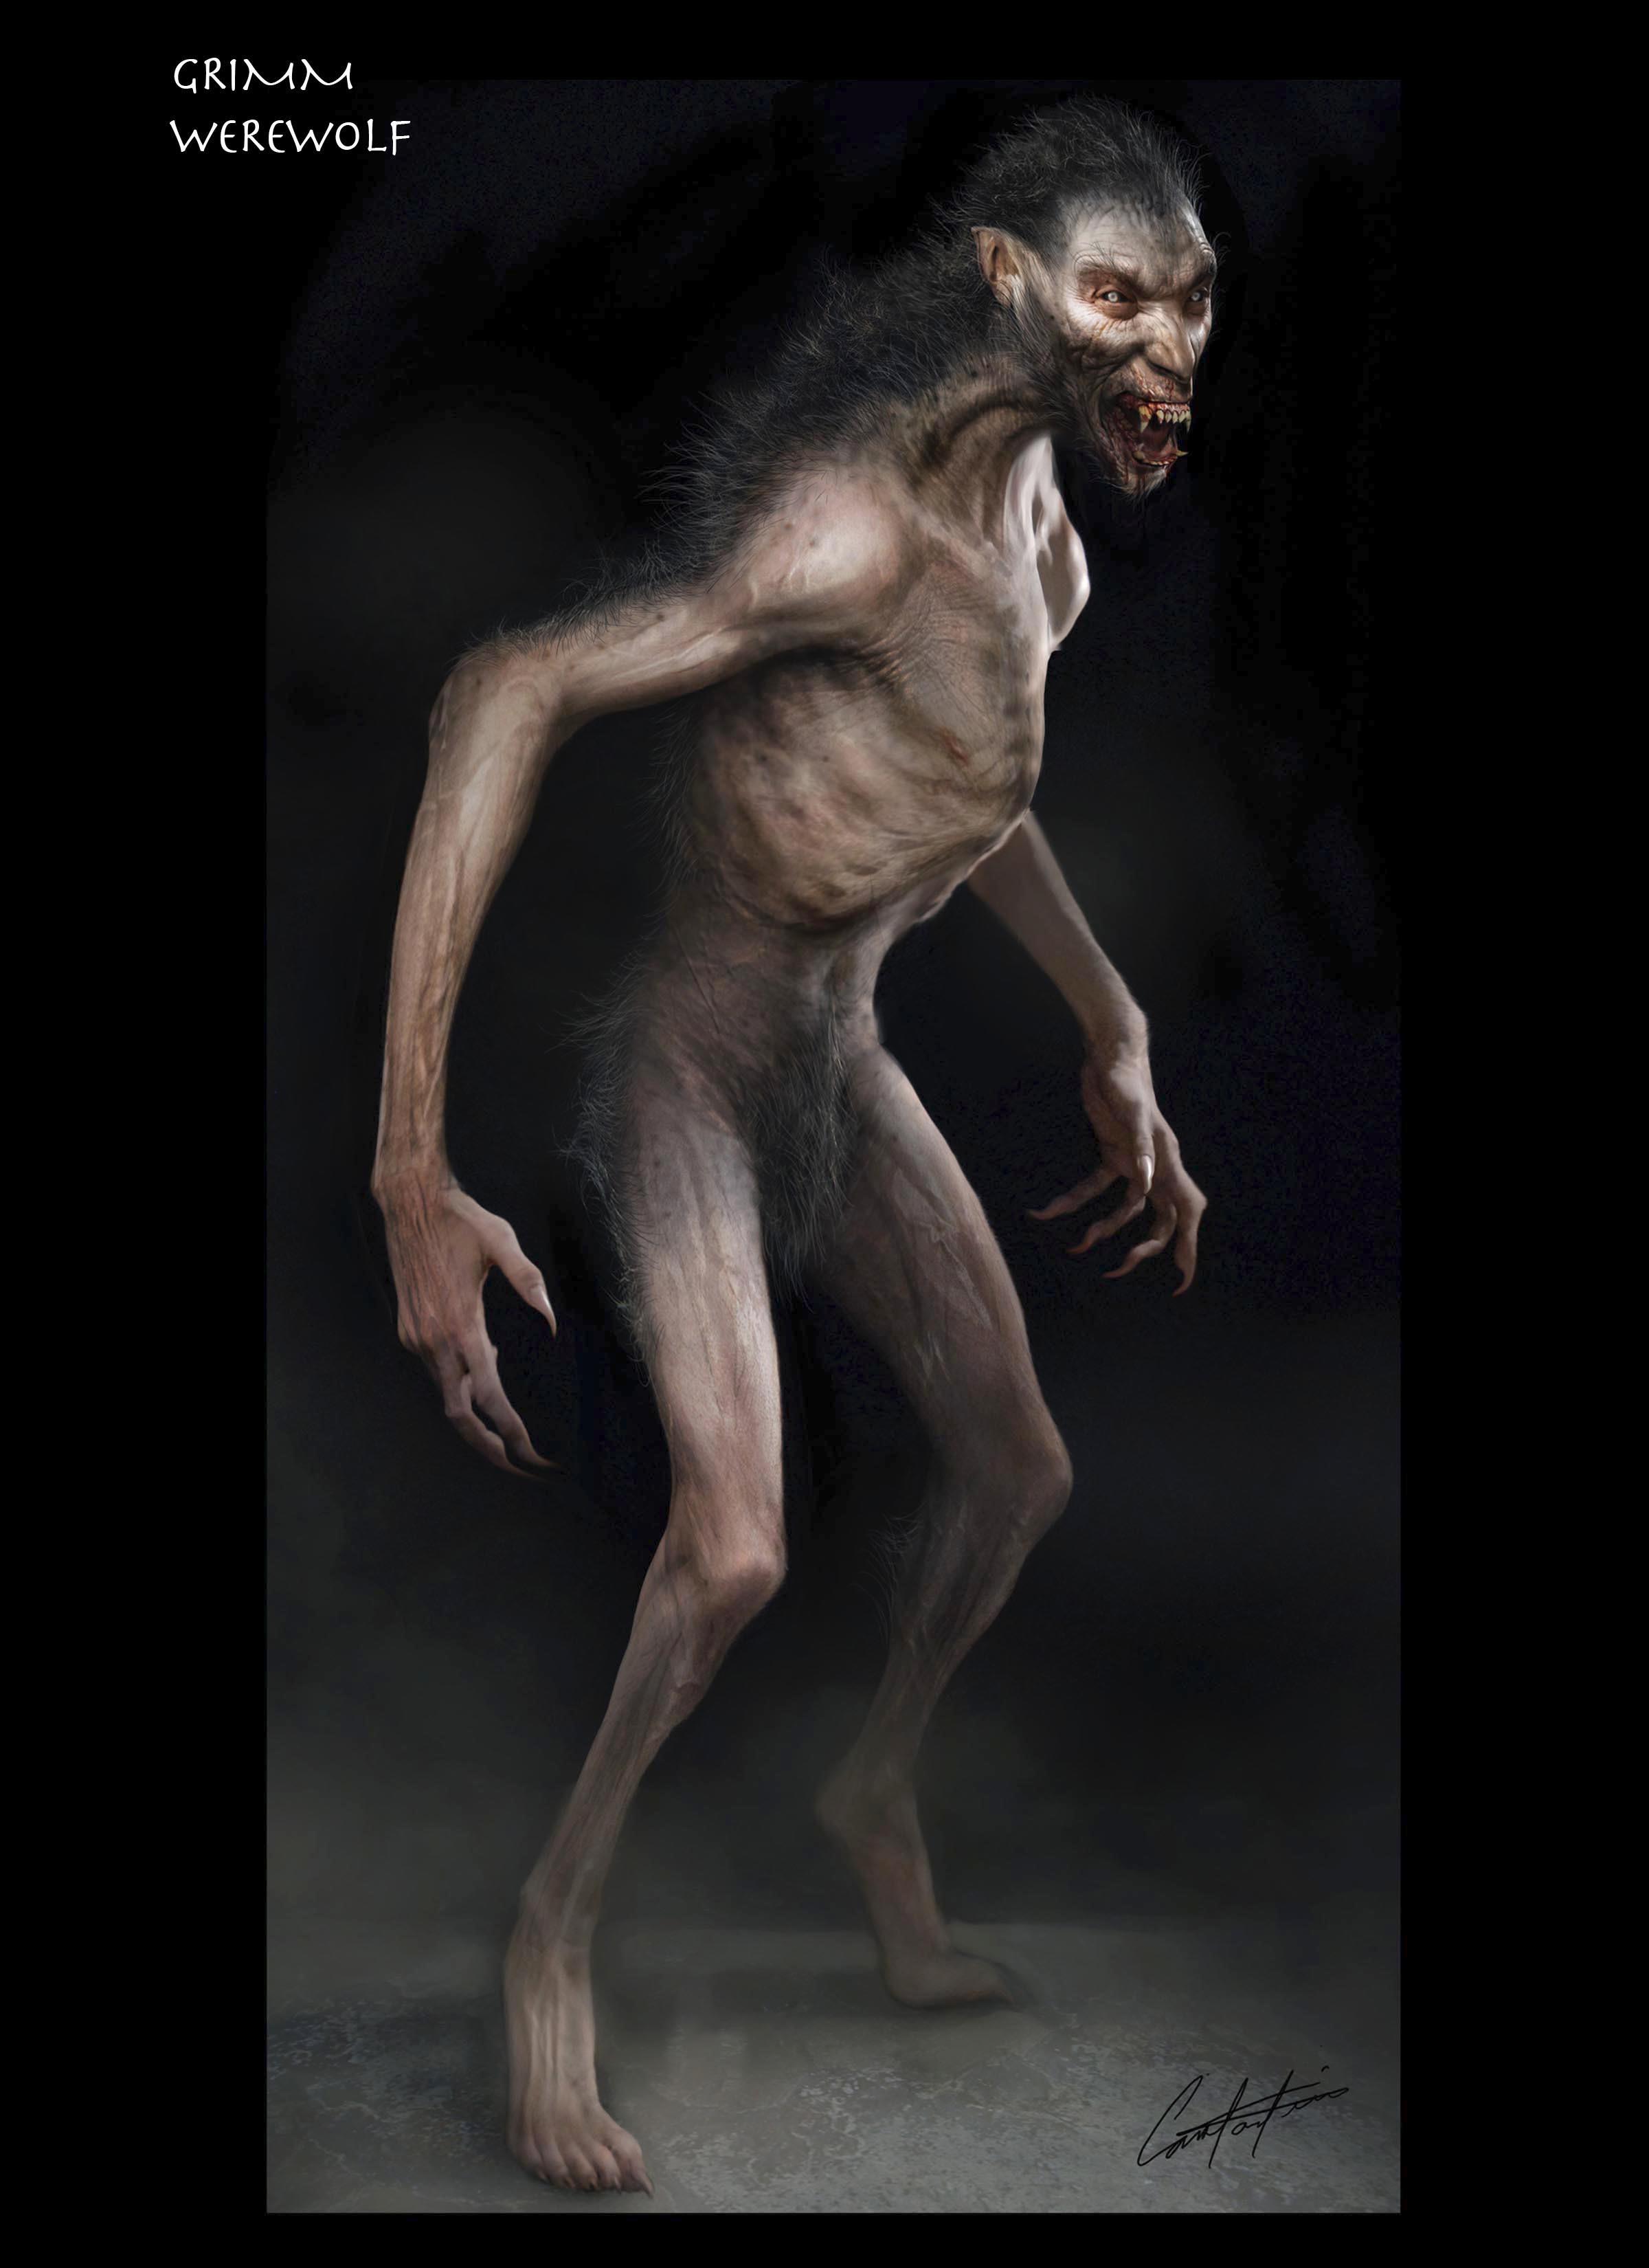 Grimm Werewolf Design